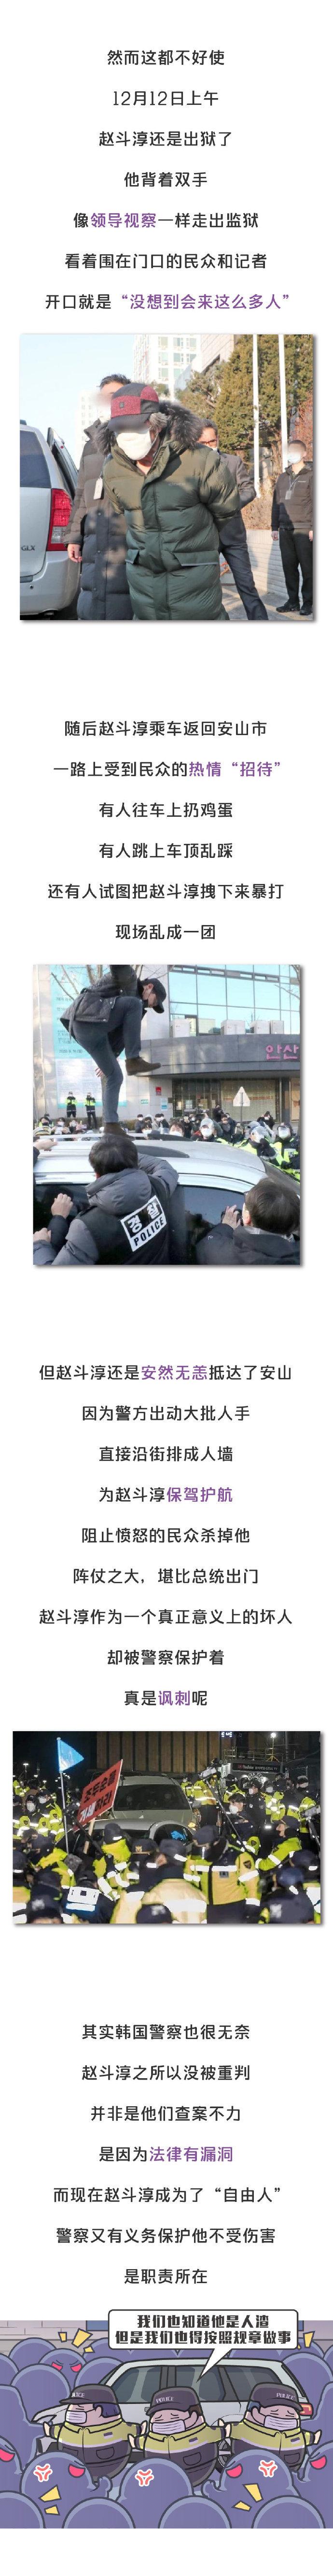 素媛案犯人出狱了,5200万韩国人都想杀了他